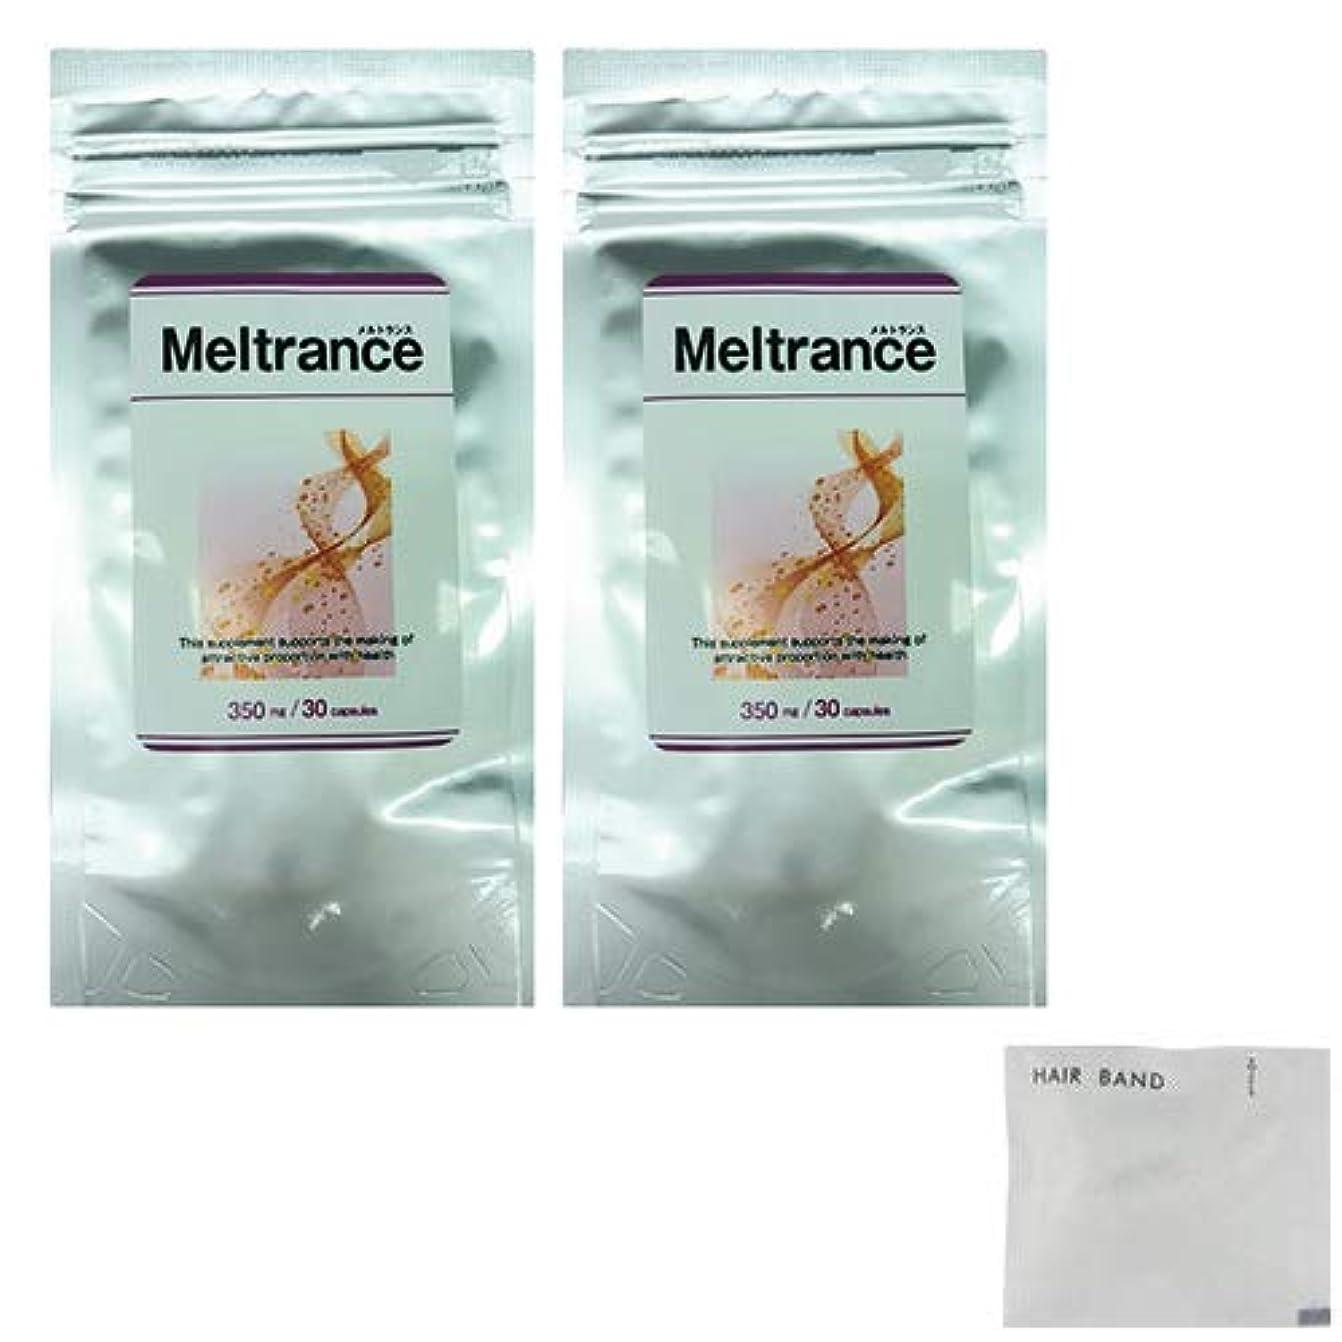 によるとその間エアコンメルトランス(Meltrance) サプリメント 30粒×2個 + ヘアゴム(カラーはおまかせ)セット